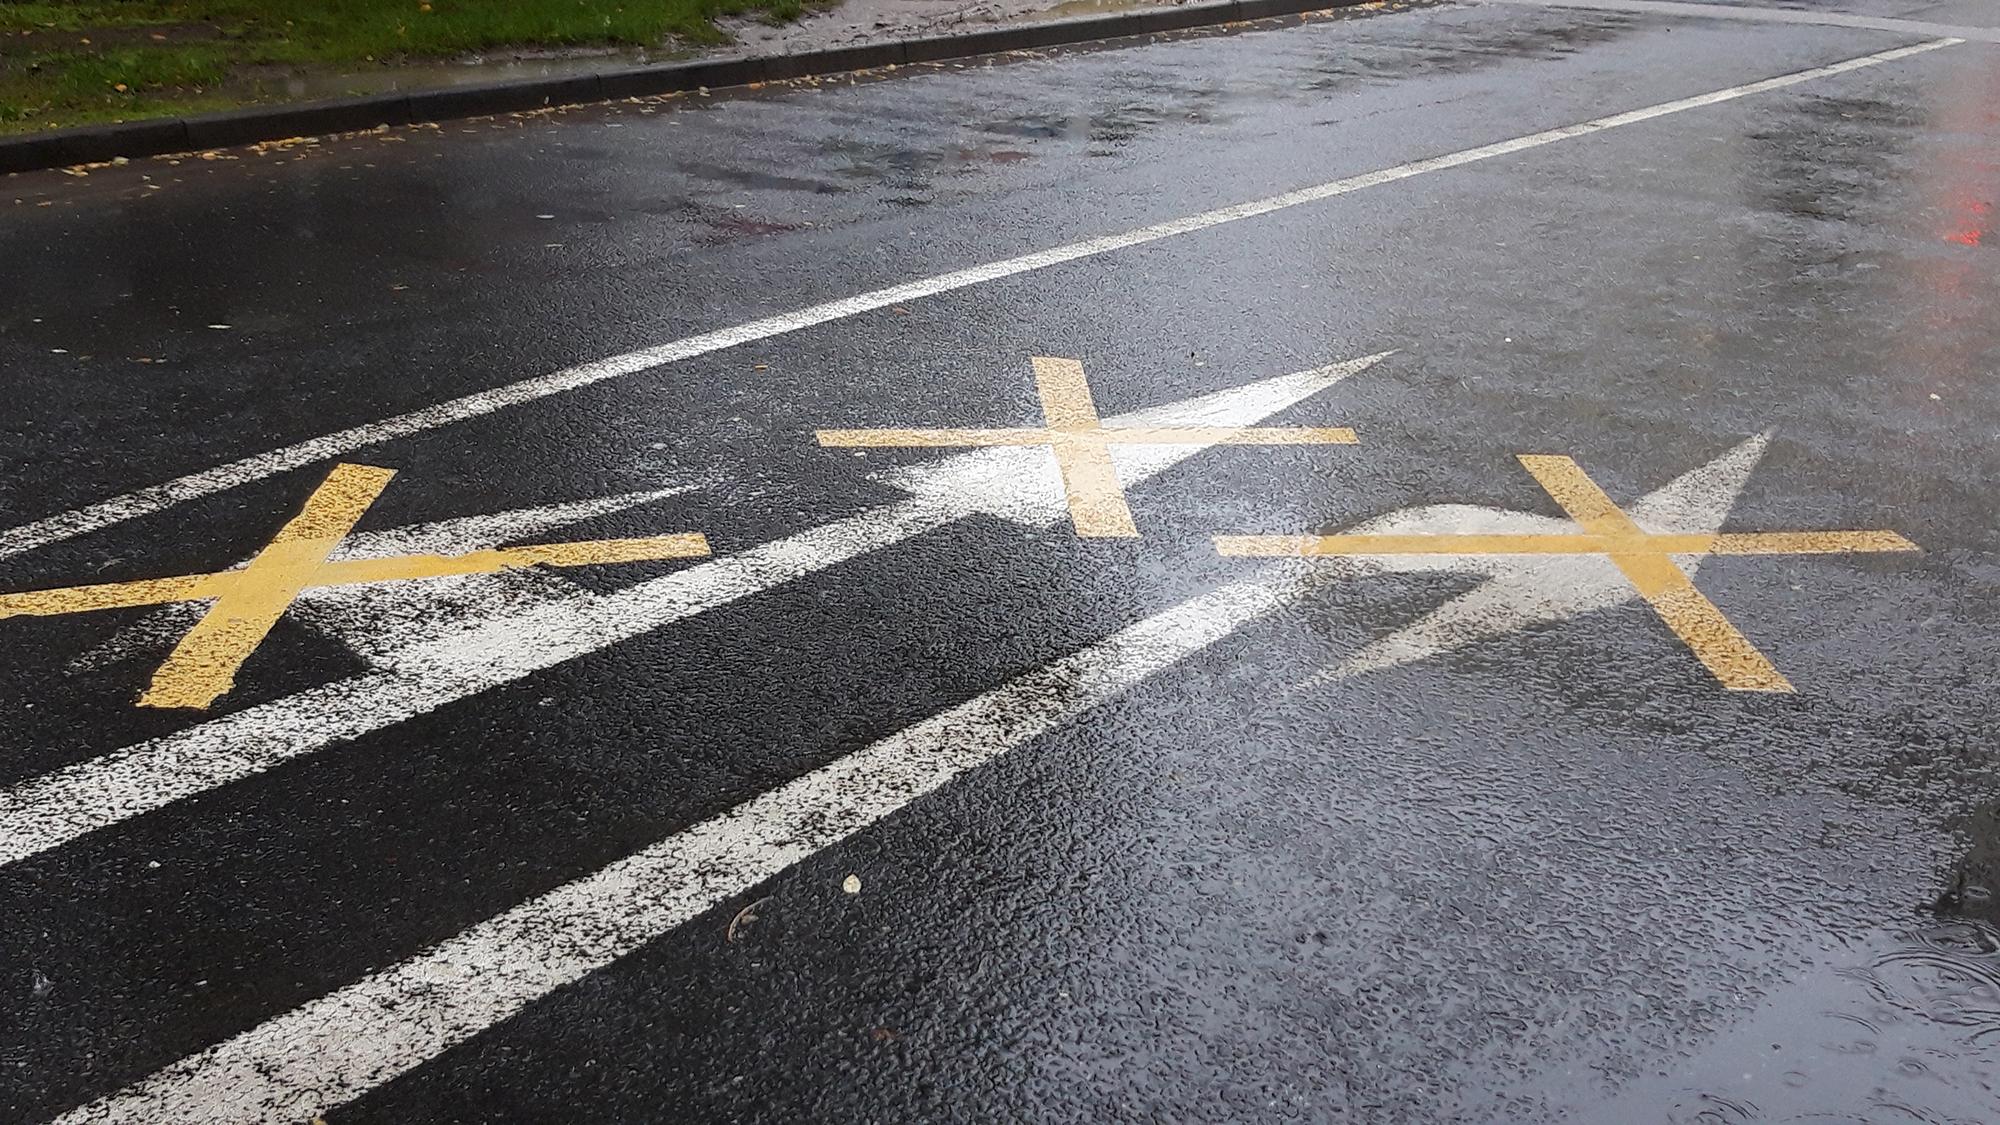 Straße Richtung Wegweiser Markierung Unklarheit Verwirrung mehrdeutig Ausweg Ausweglosigkeit brexit road direction signpost marking ambiguity confusion ambiguous way out hopelessness brexit